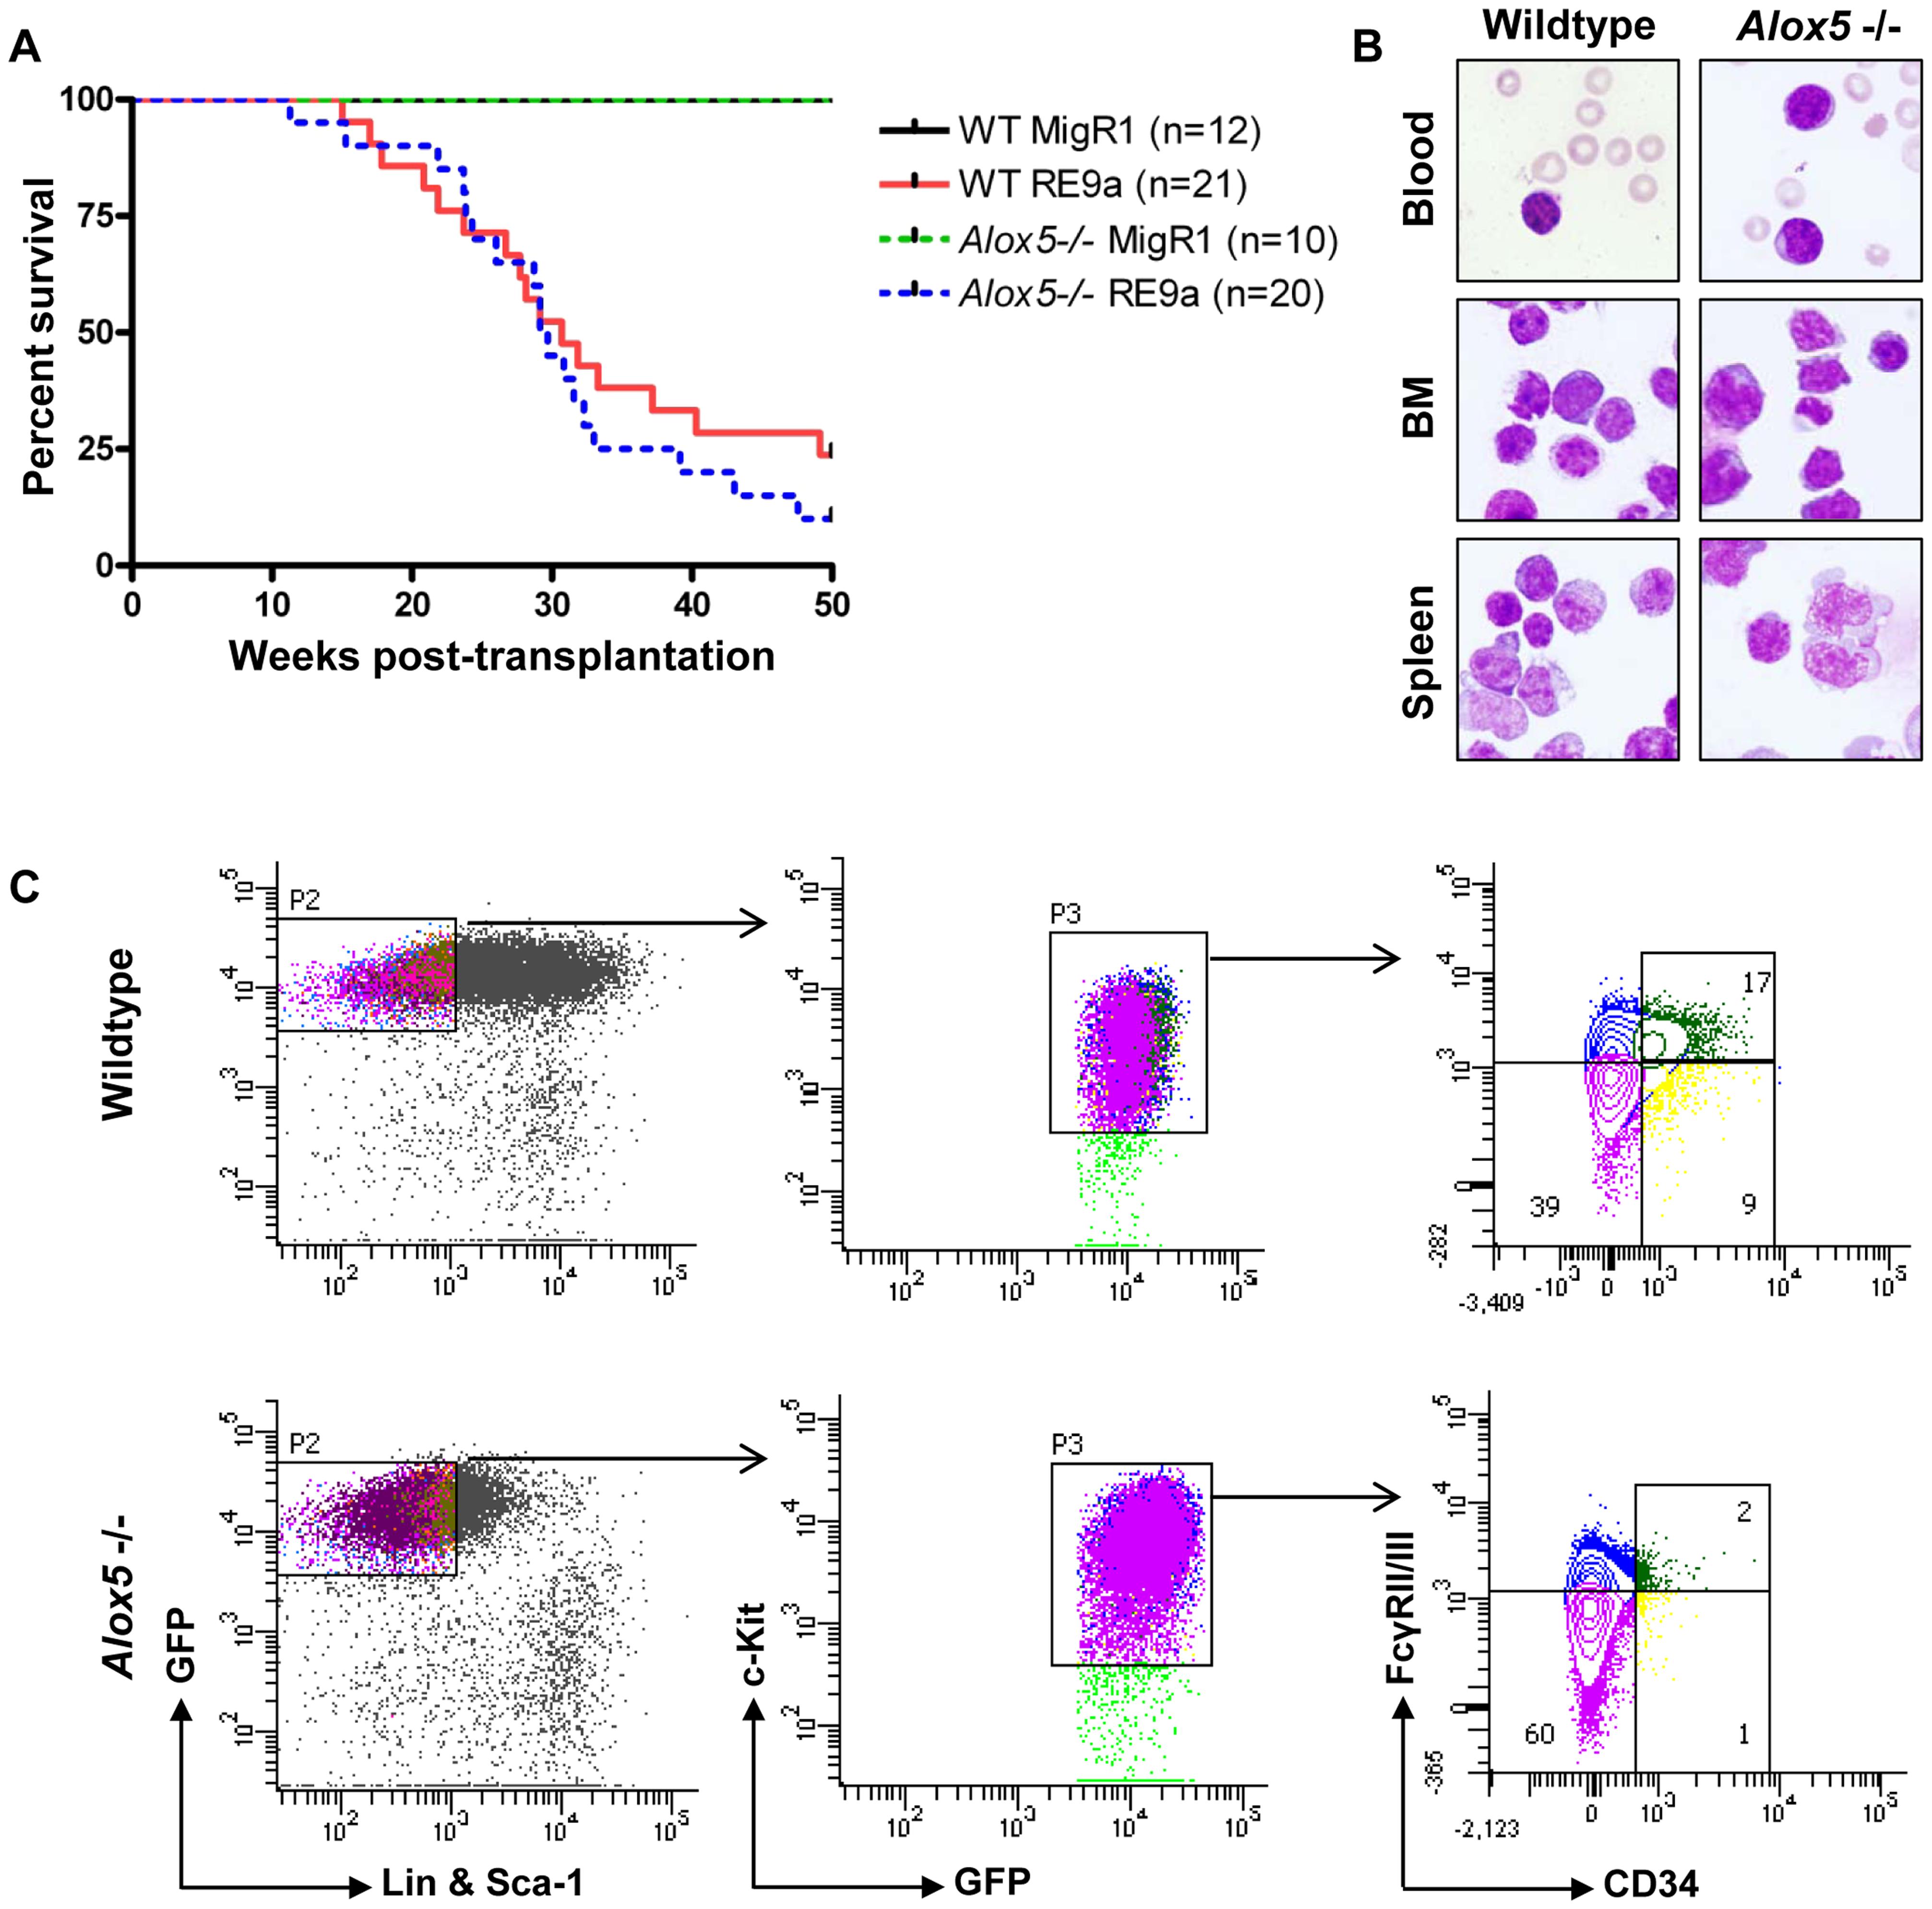 Loss of <i>Alox5</i> does not block RE9a leukemia induction <i>in vivo</i>.